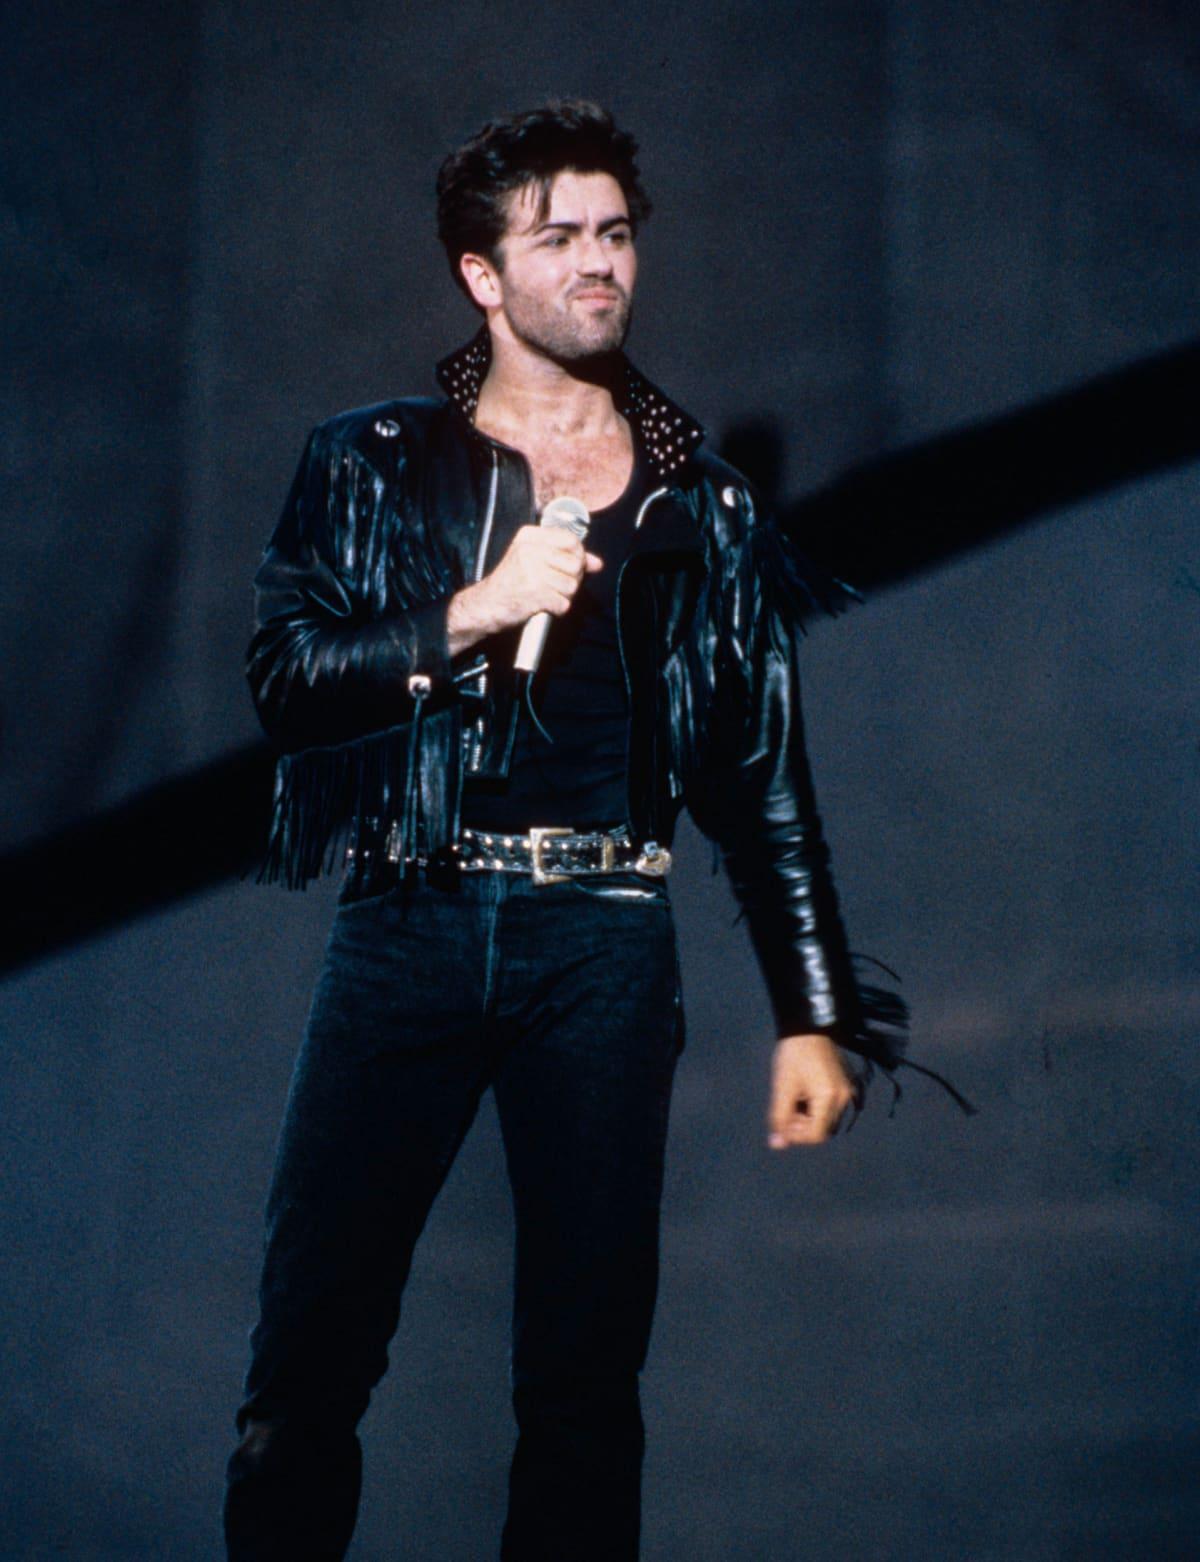 George Michael Whamin jäähyväiskonsertissa kesäkuussa 1986 Wembley-areenalla.